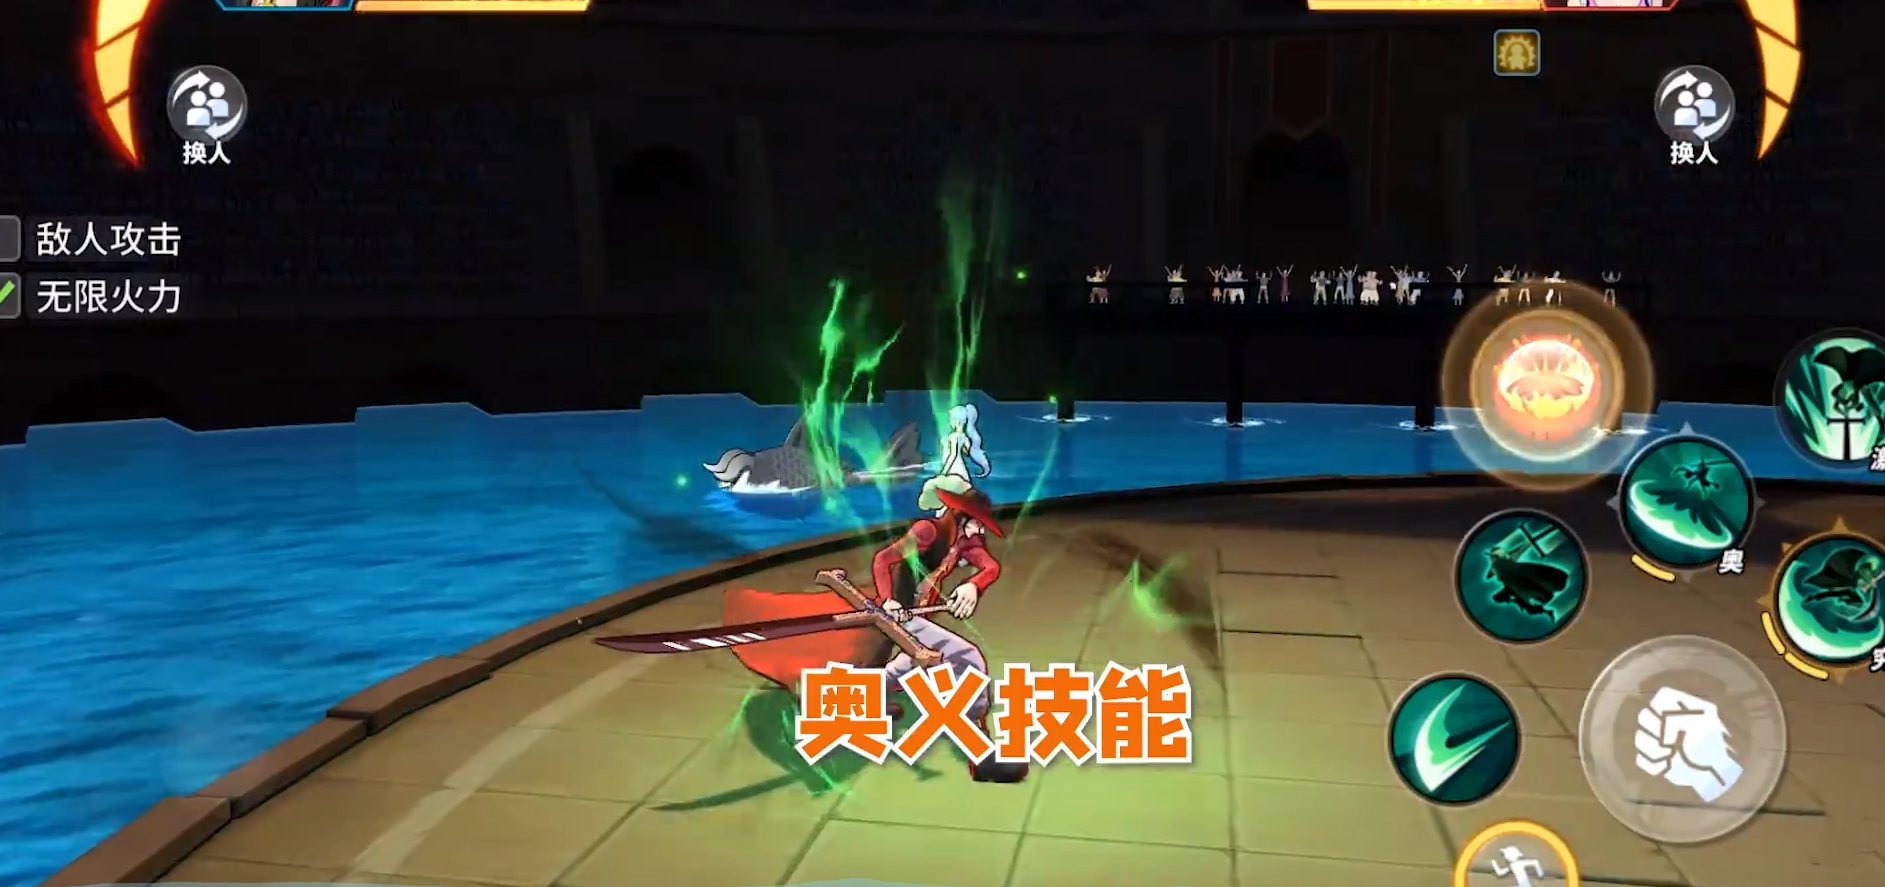 《航海王热血航线》体验心得:最好的3D格斗手游